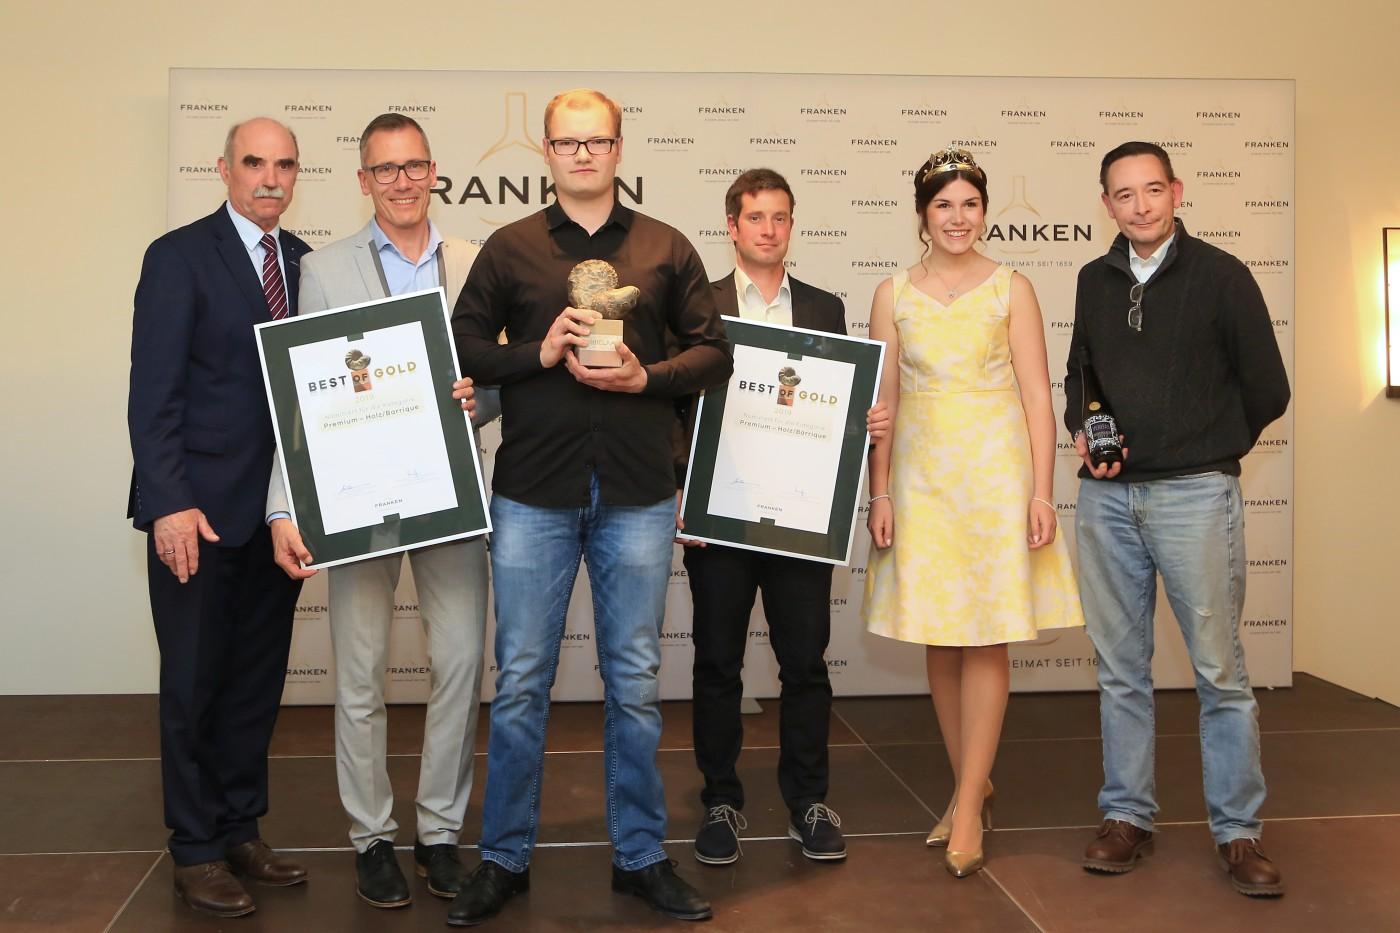 Artur Steinmann, Dr. Klaus-Peter Heigel, Marco Geßner, Daniel Sauer, Fränkische Weinkönigin Carolin Meyer und Pate Harry Stolker (München). Foto: Rudi Merkl